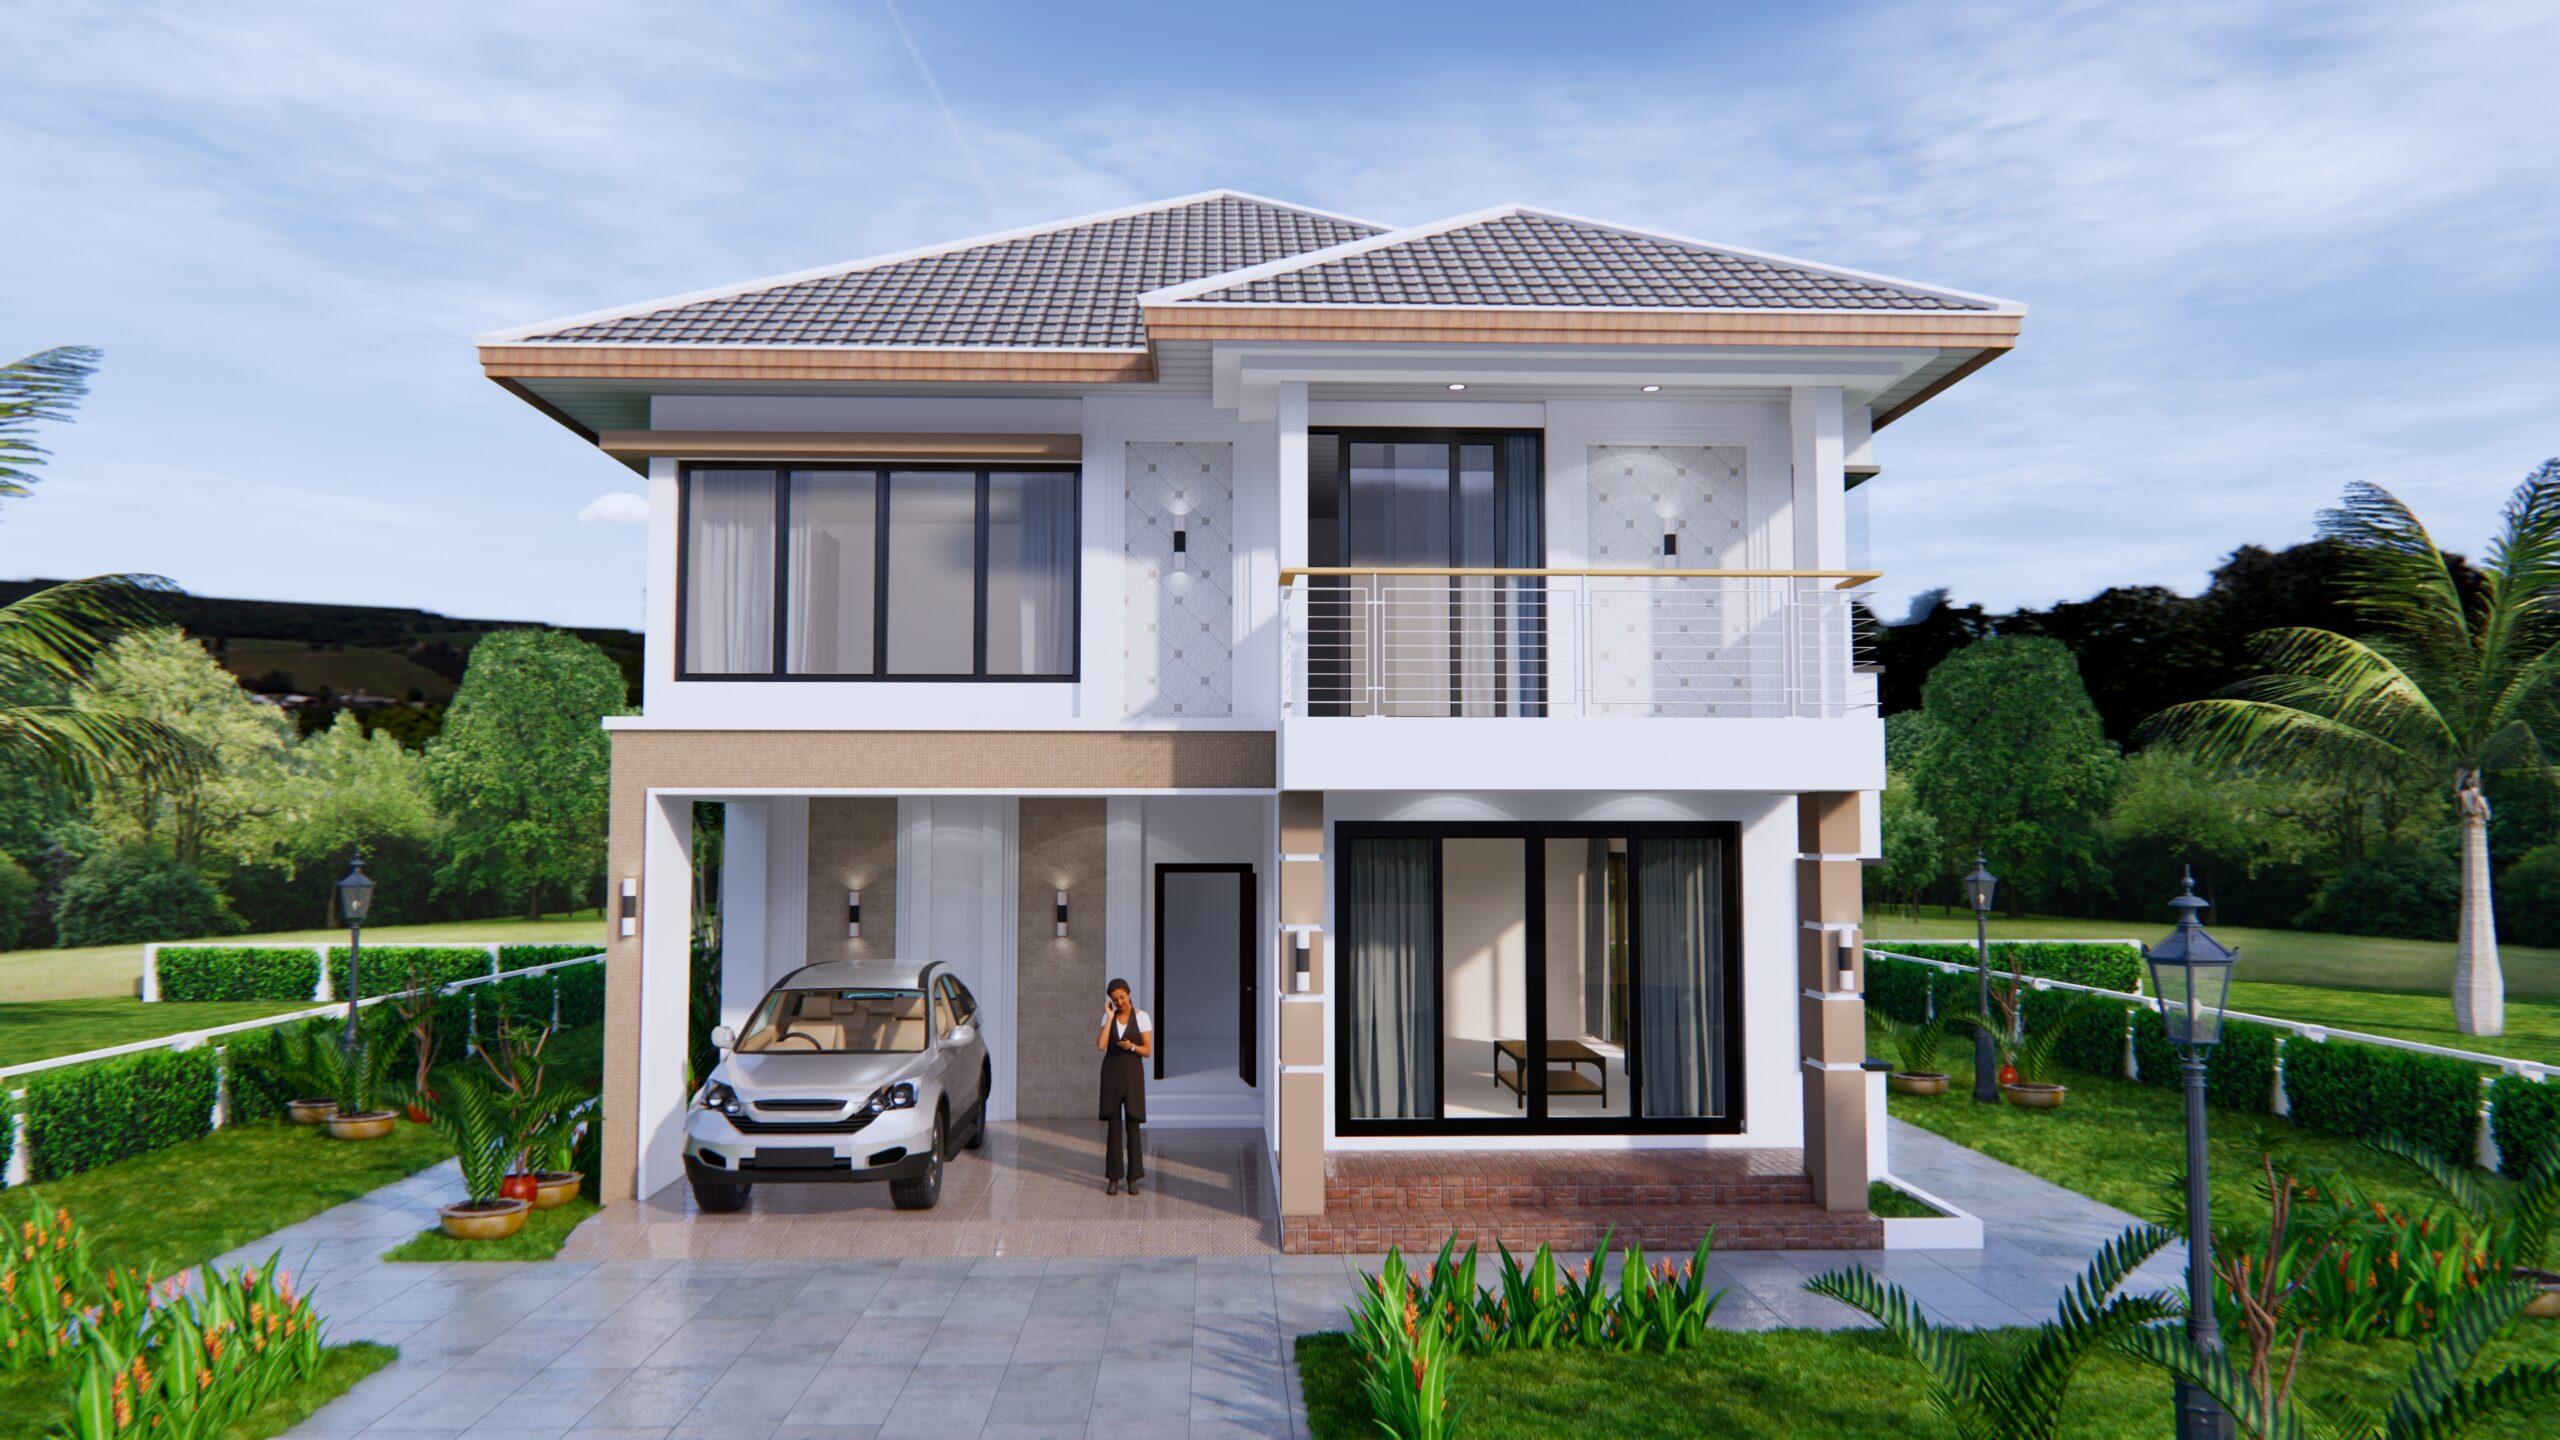 House Design 9x11 Meter 30x36 Feet 4 Beds 2